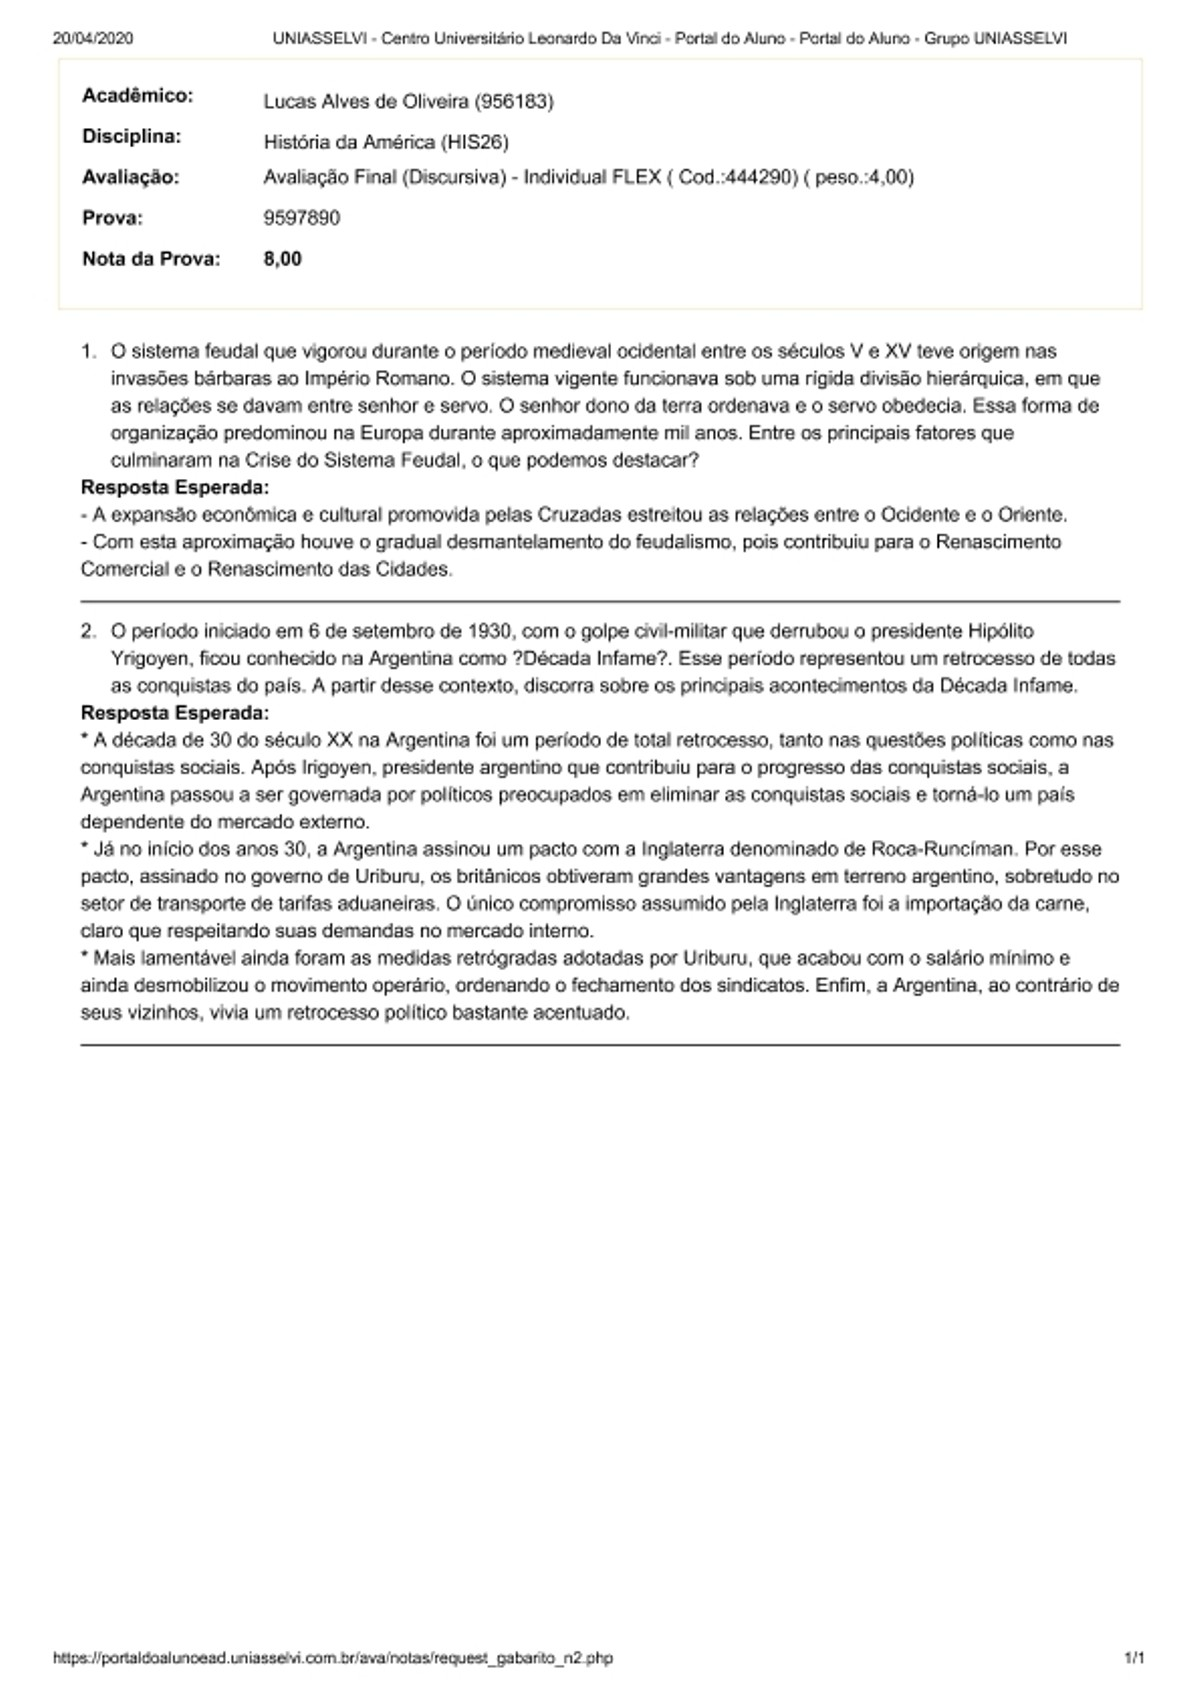 Pre-visualização do material Avaliação Final (Discursiva) - Individual FLEX - página 1